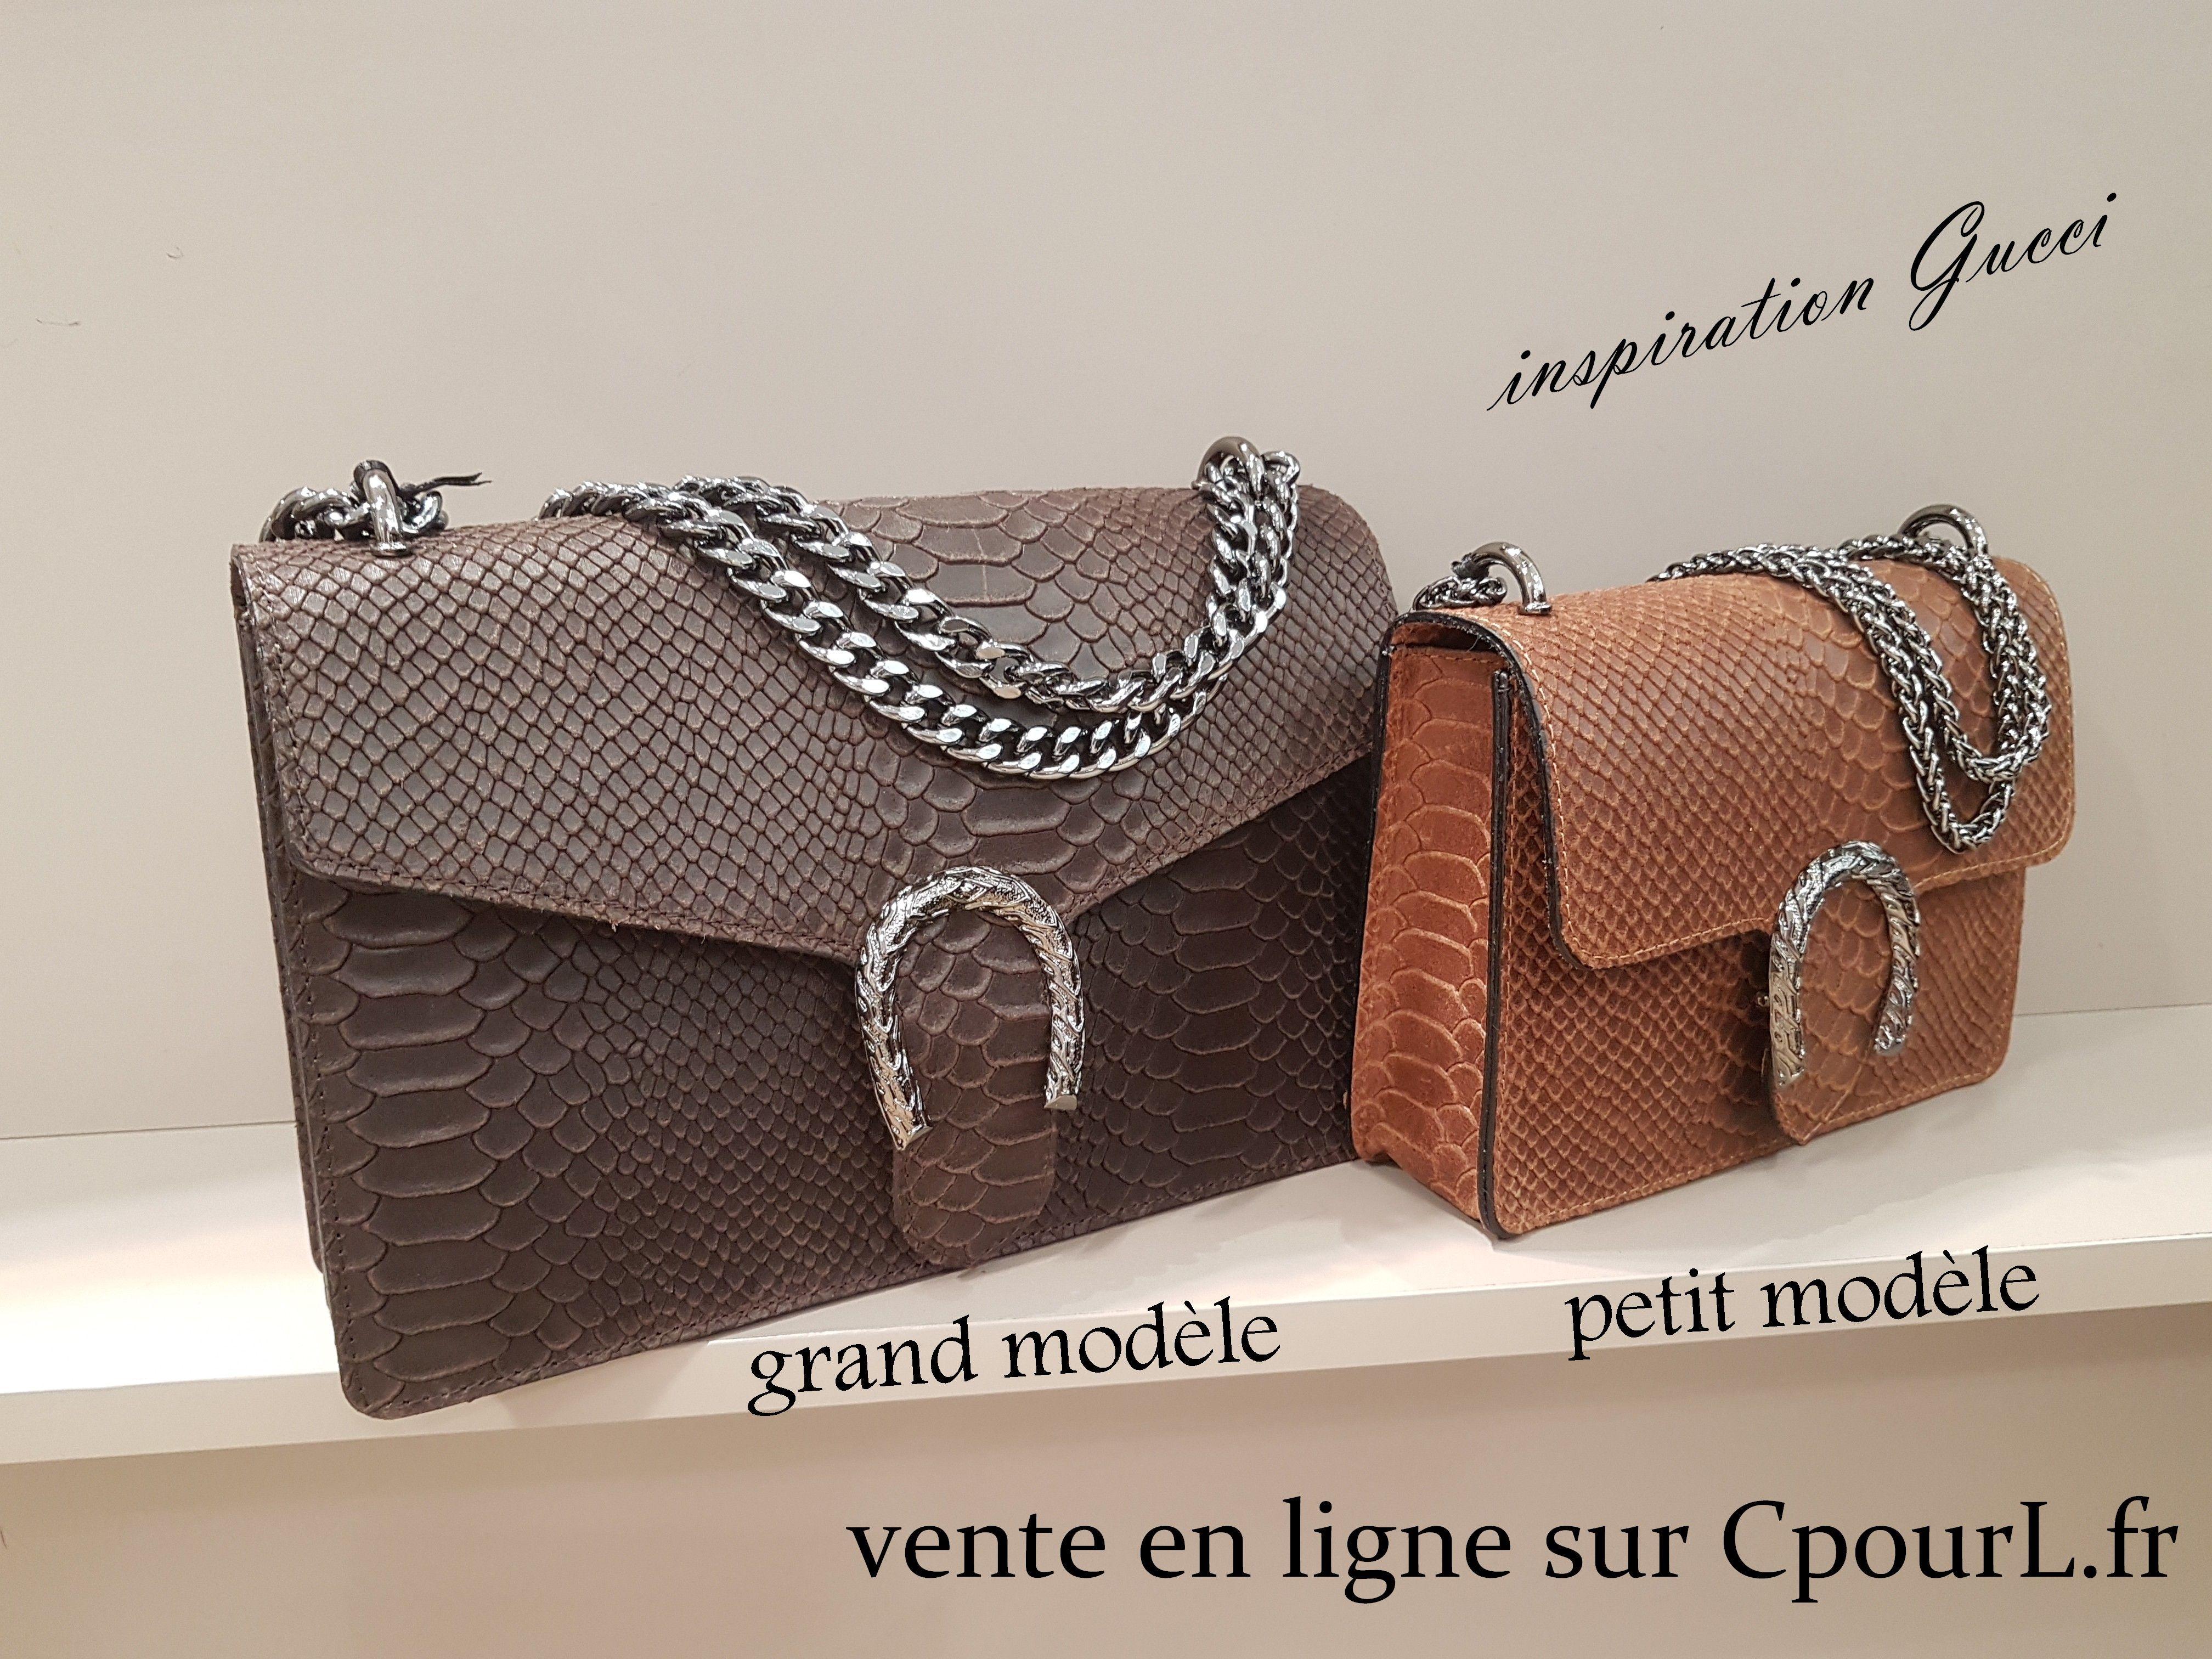 sacs 2 formats cuir python boucle fer à cheval en vente